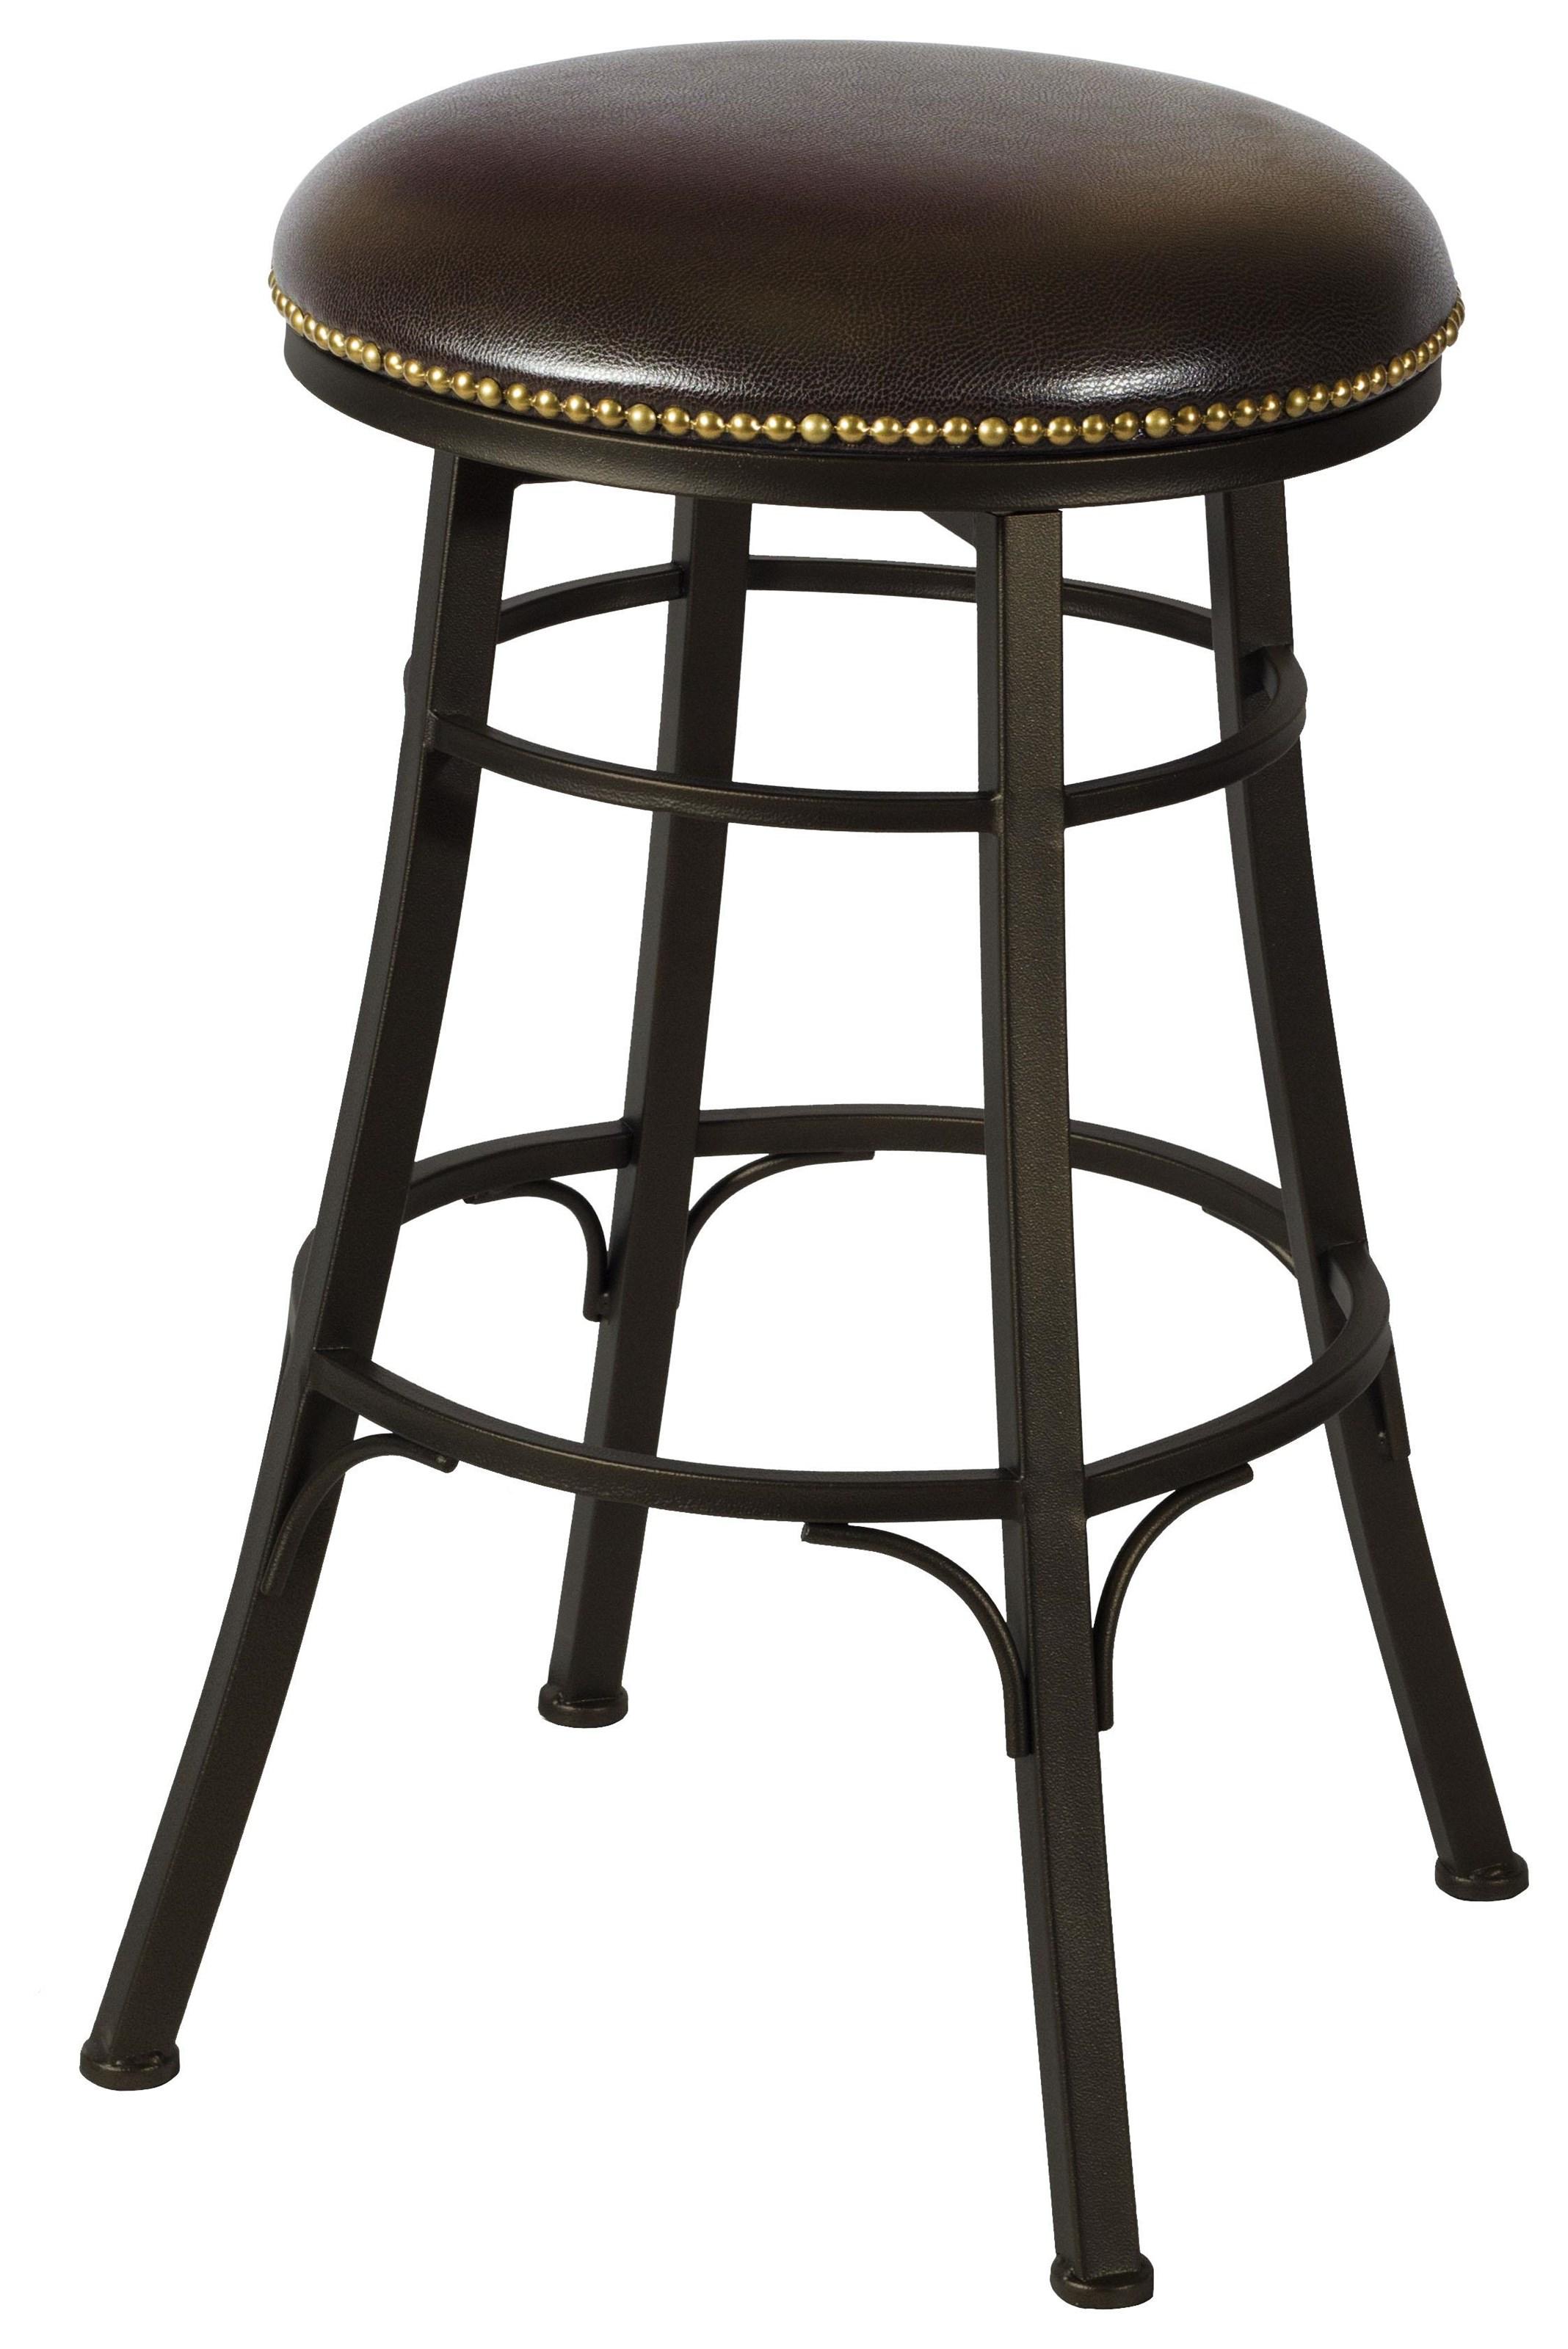 bali bar height bar stool